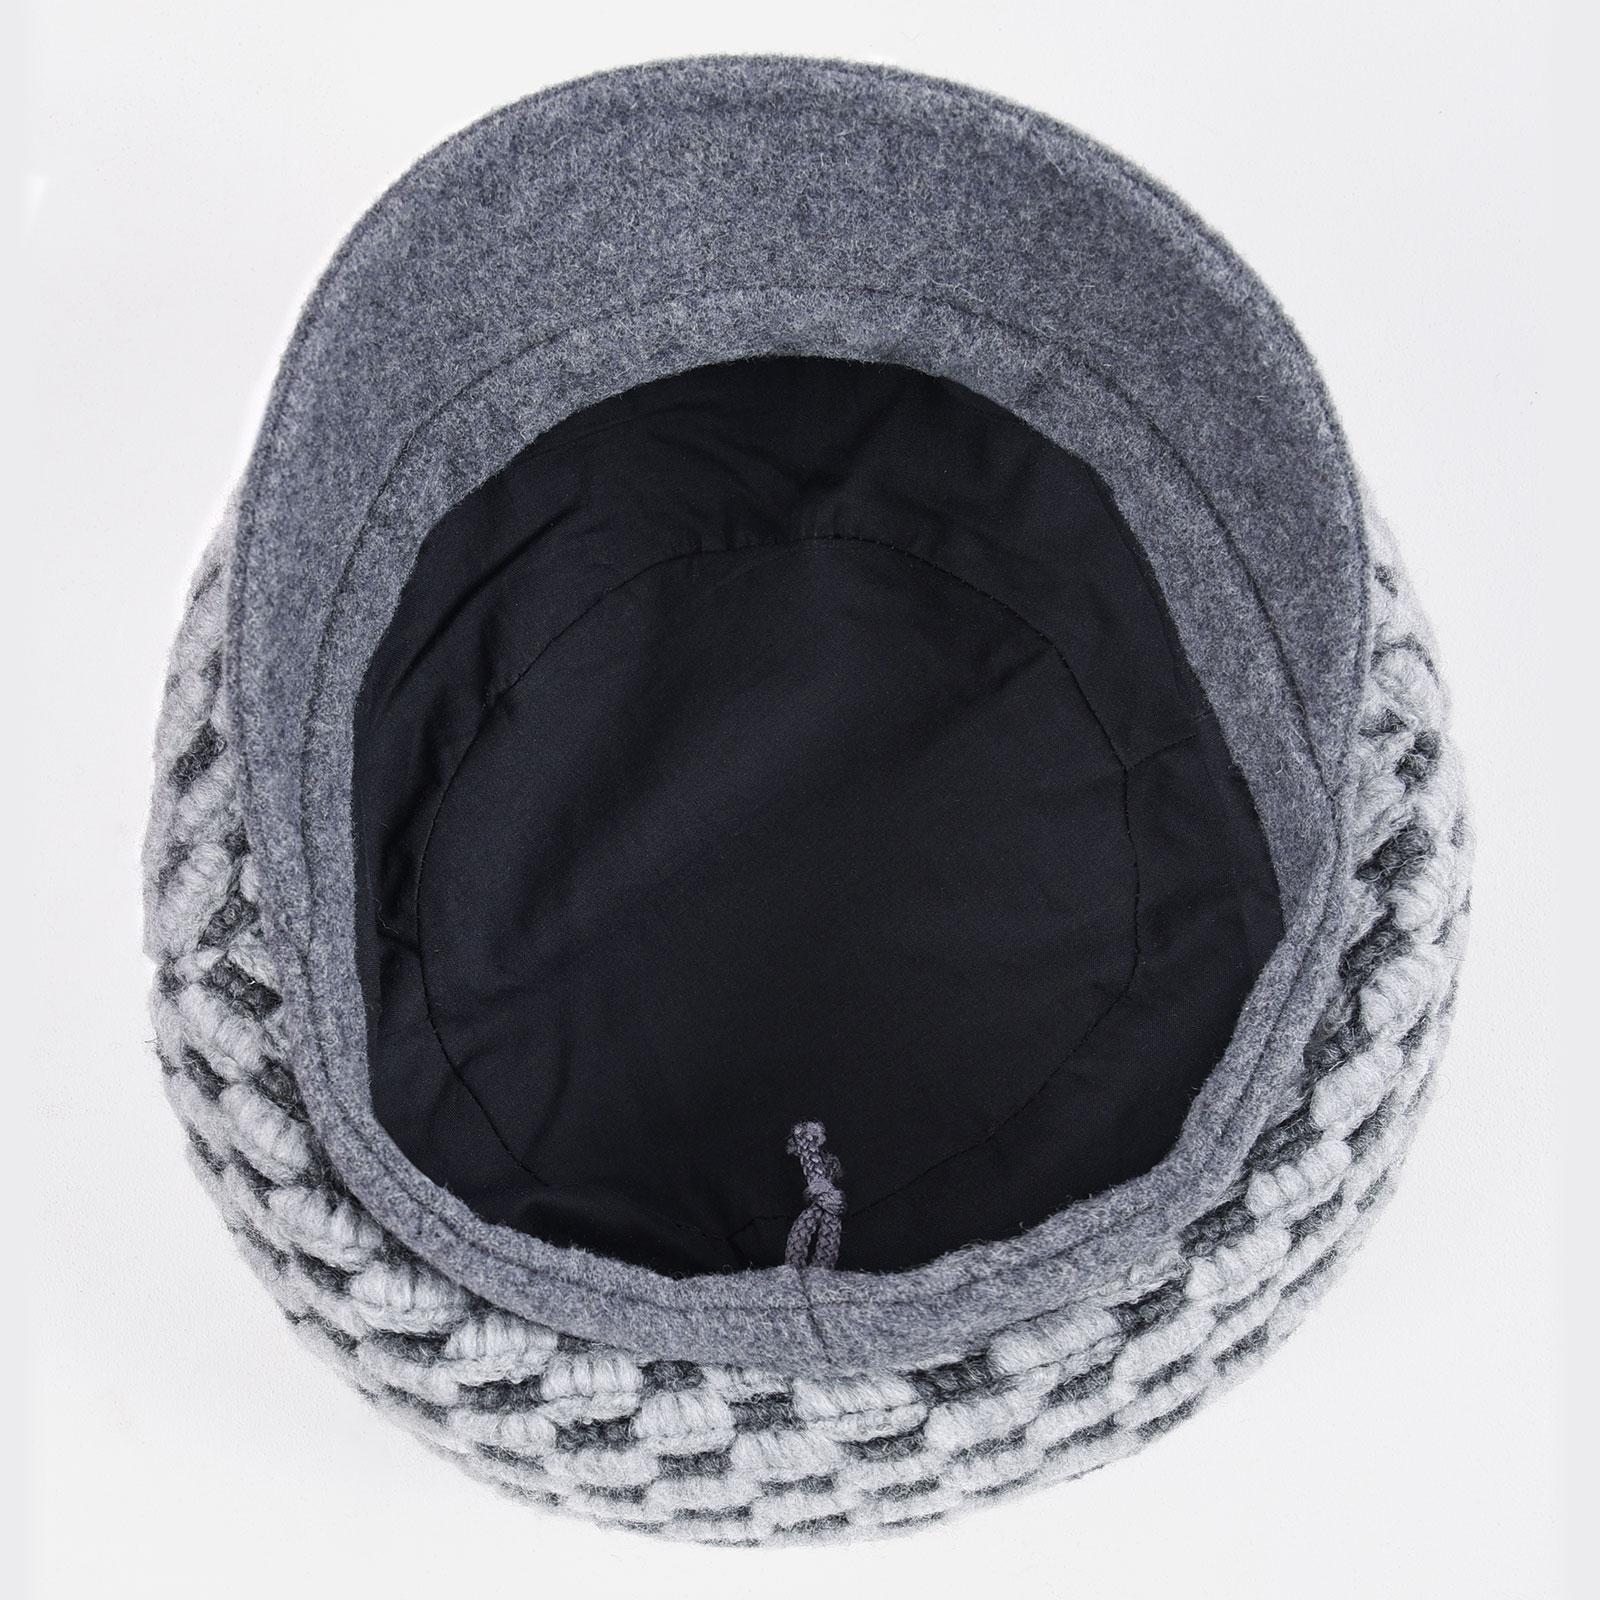 CP-01003-D16-casquette-femme-hiver-gris